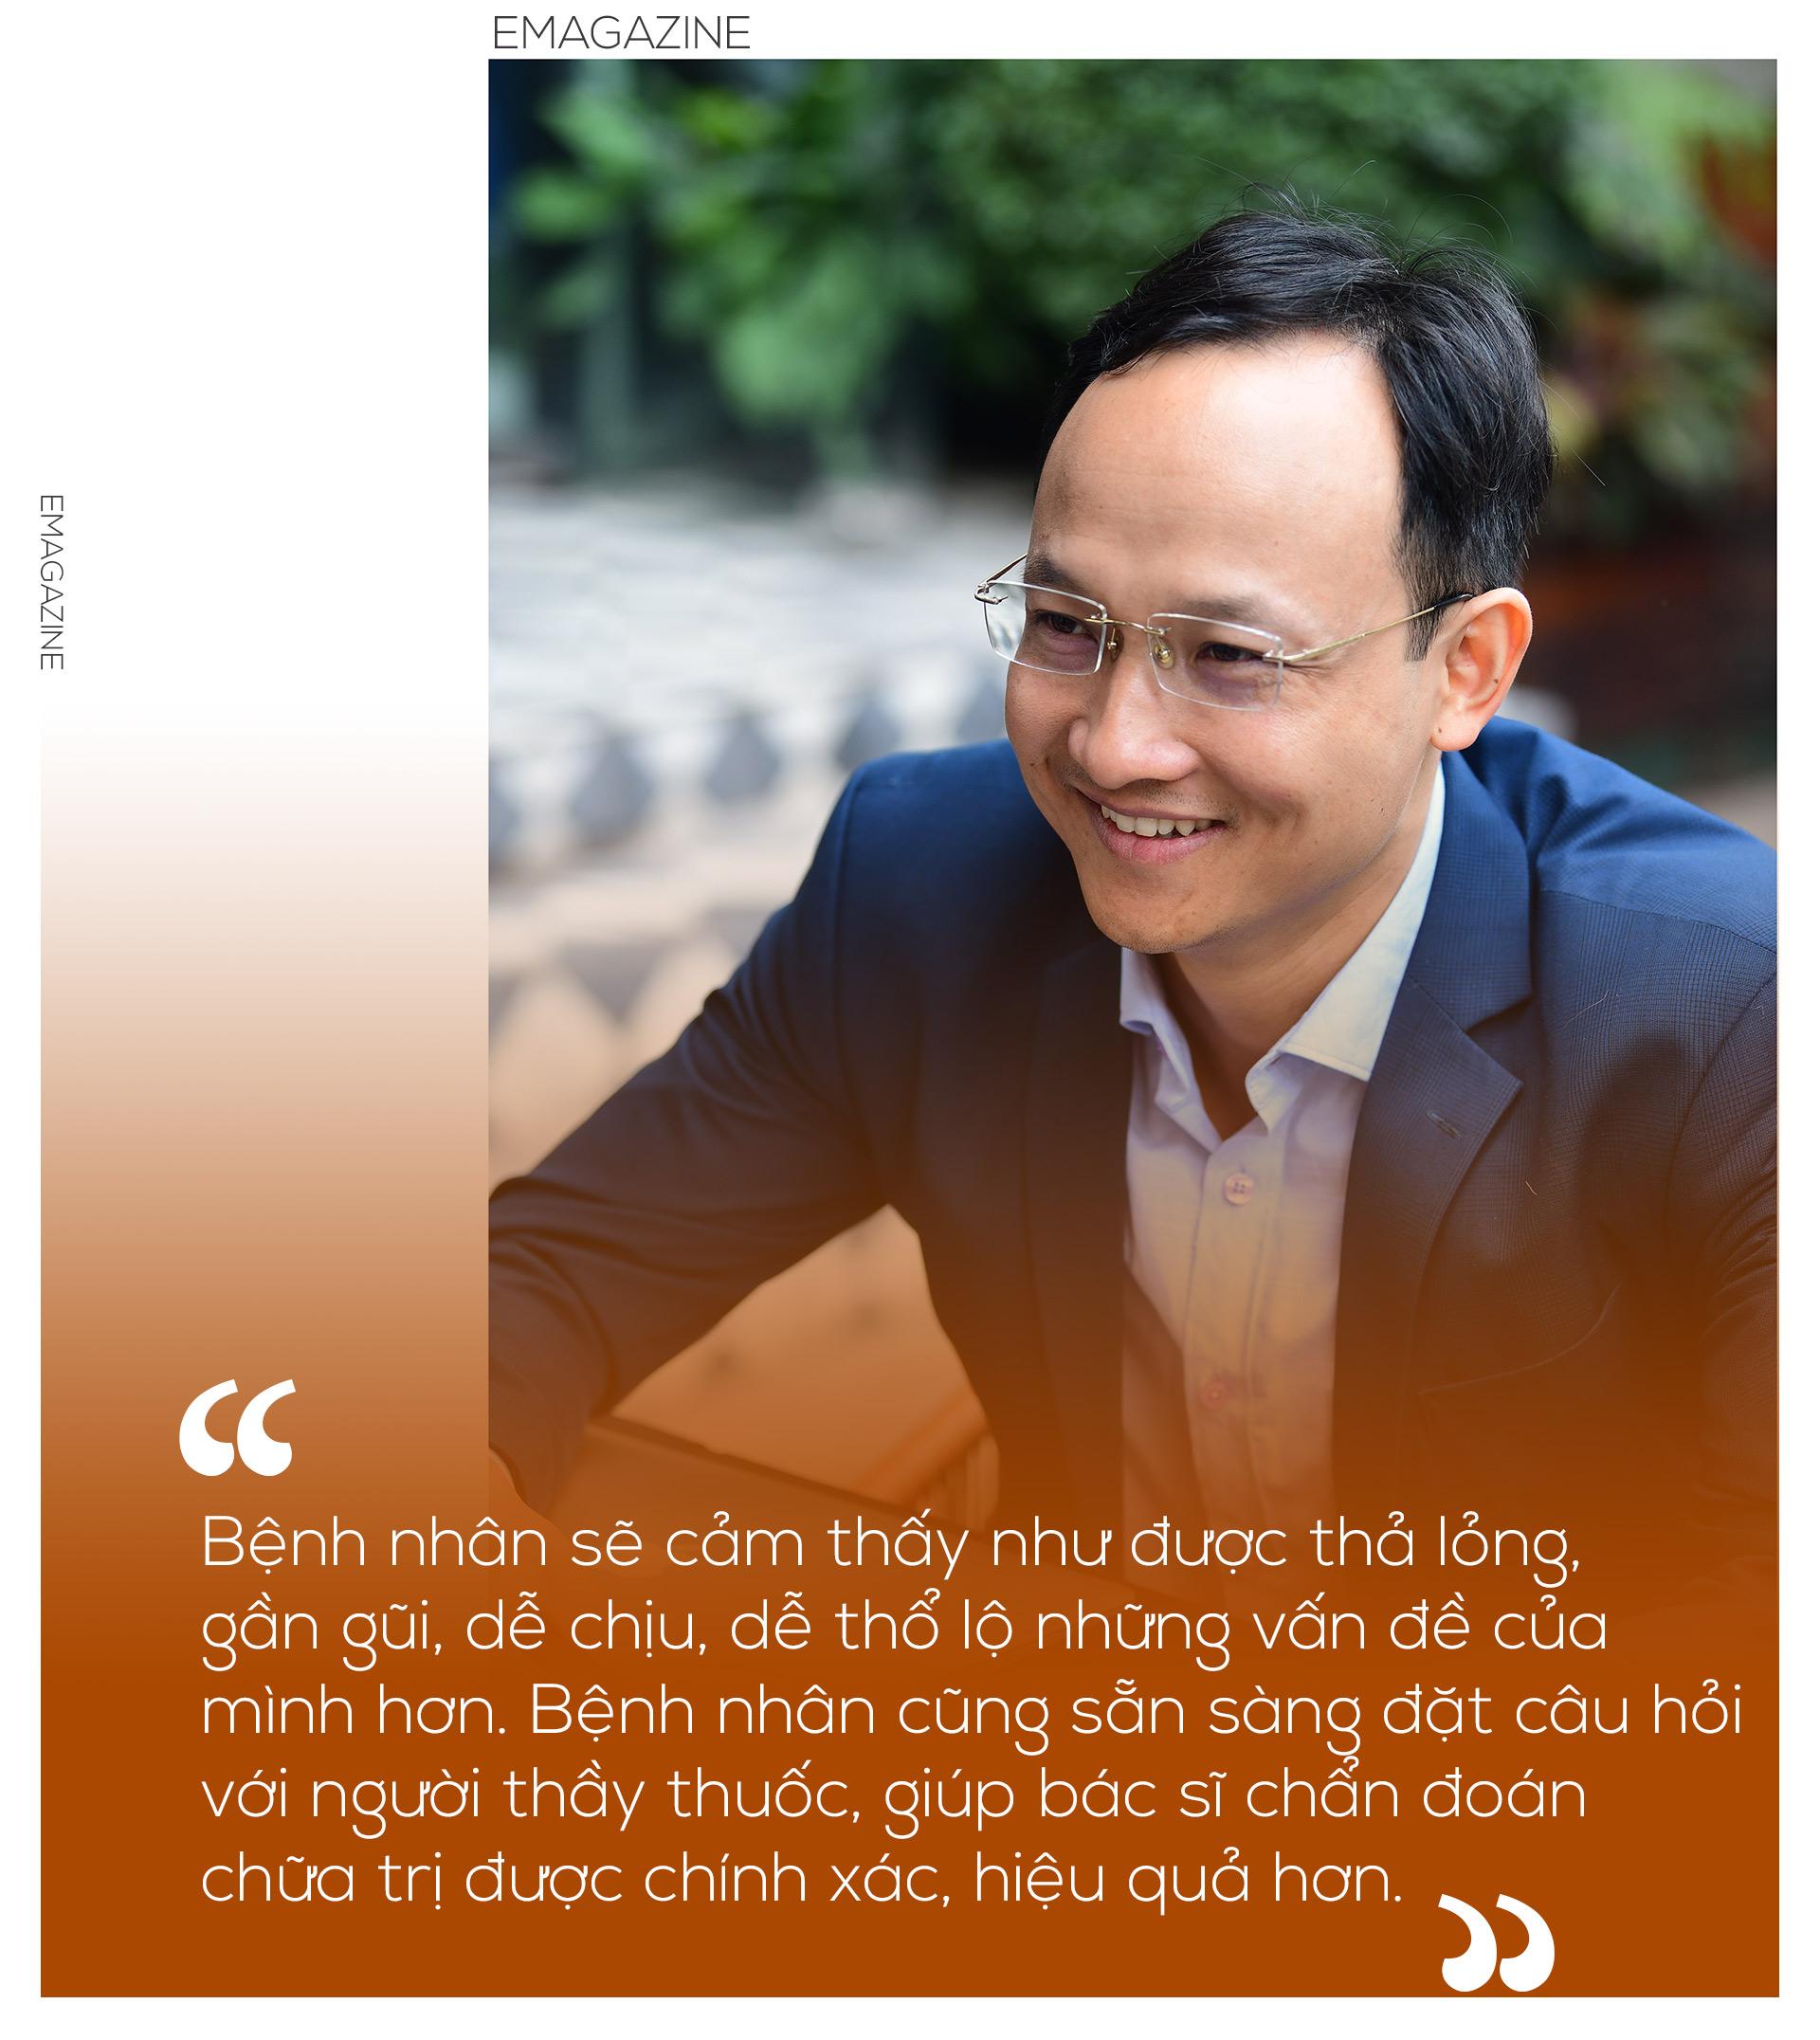 """""""Bác sĩ quốc dân"""" Trần Quốc Khánh: """"Tình cảm dành cho nhau không đong đếm bằng chén rượu đầy"""" - 4"""